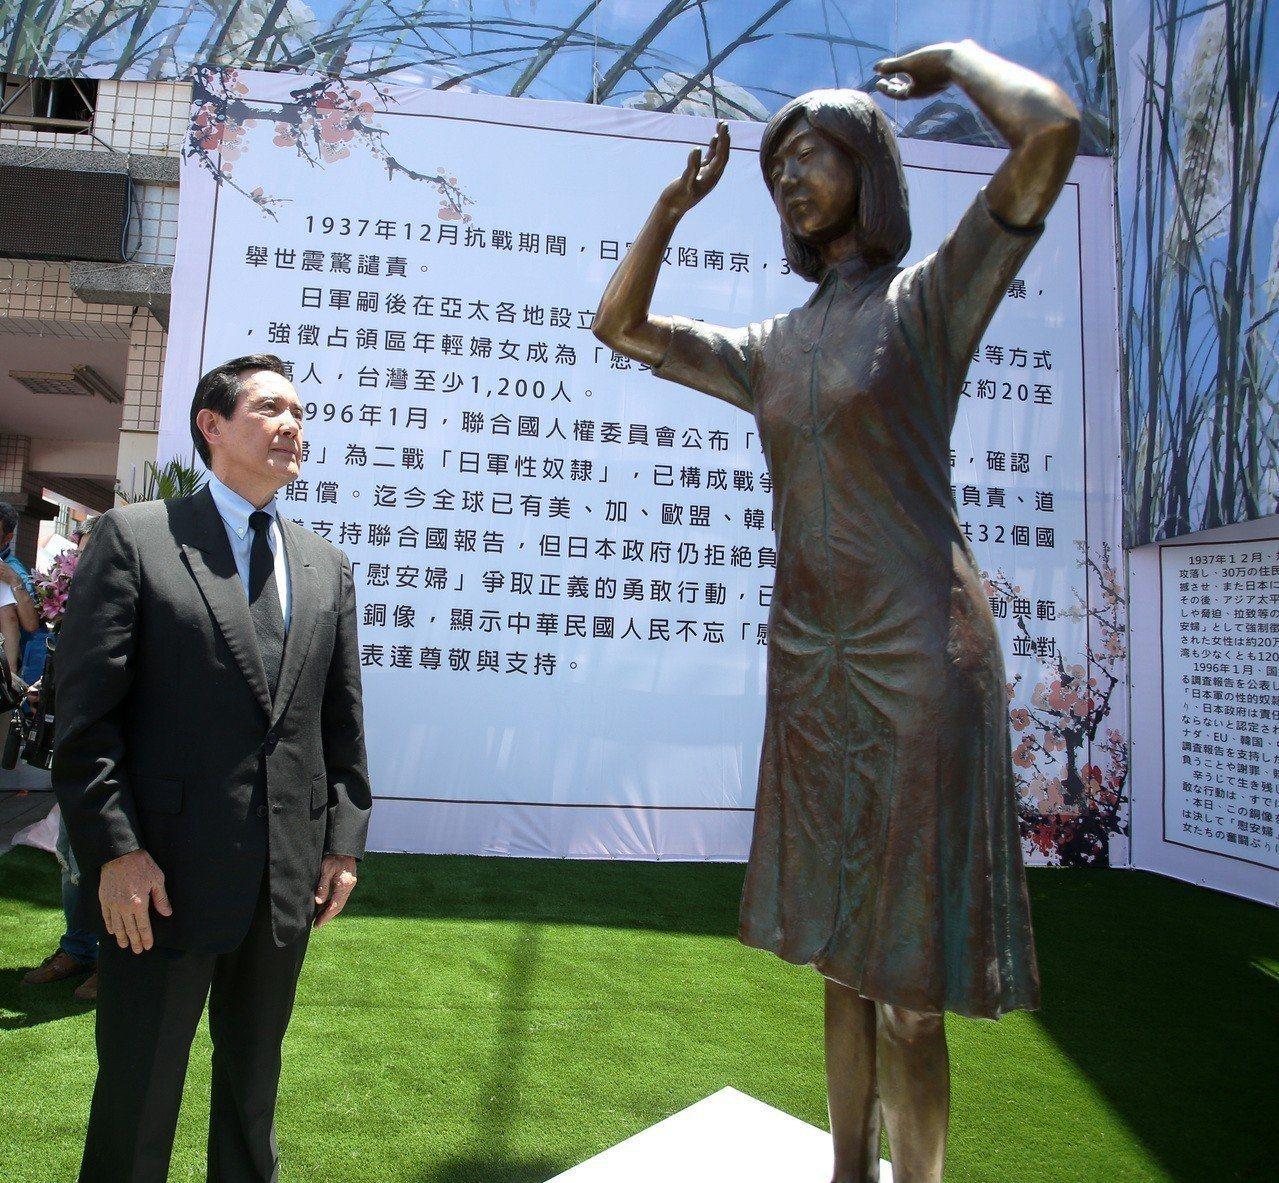 台灣第一座慰安婦銅像於今年在台南市國民黨黨部旁空地設置,圖為前總統馬英九為銅像揭...